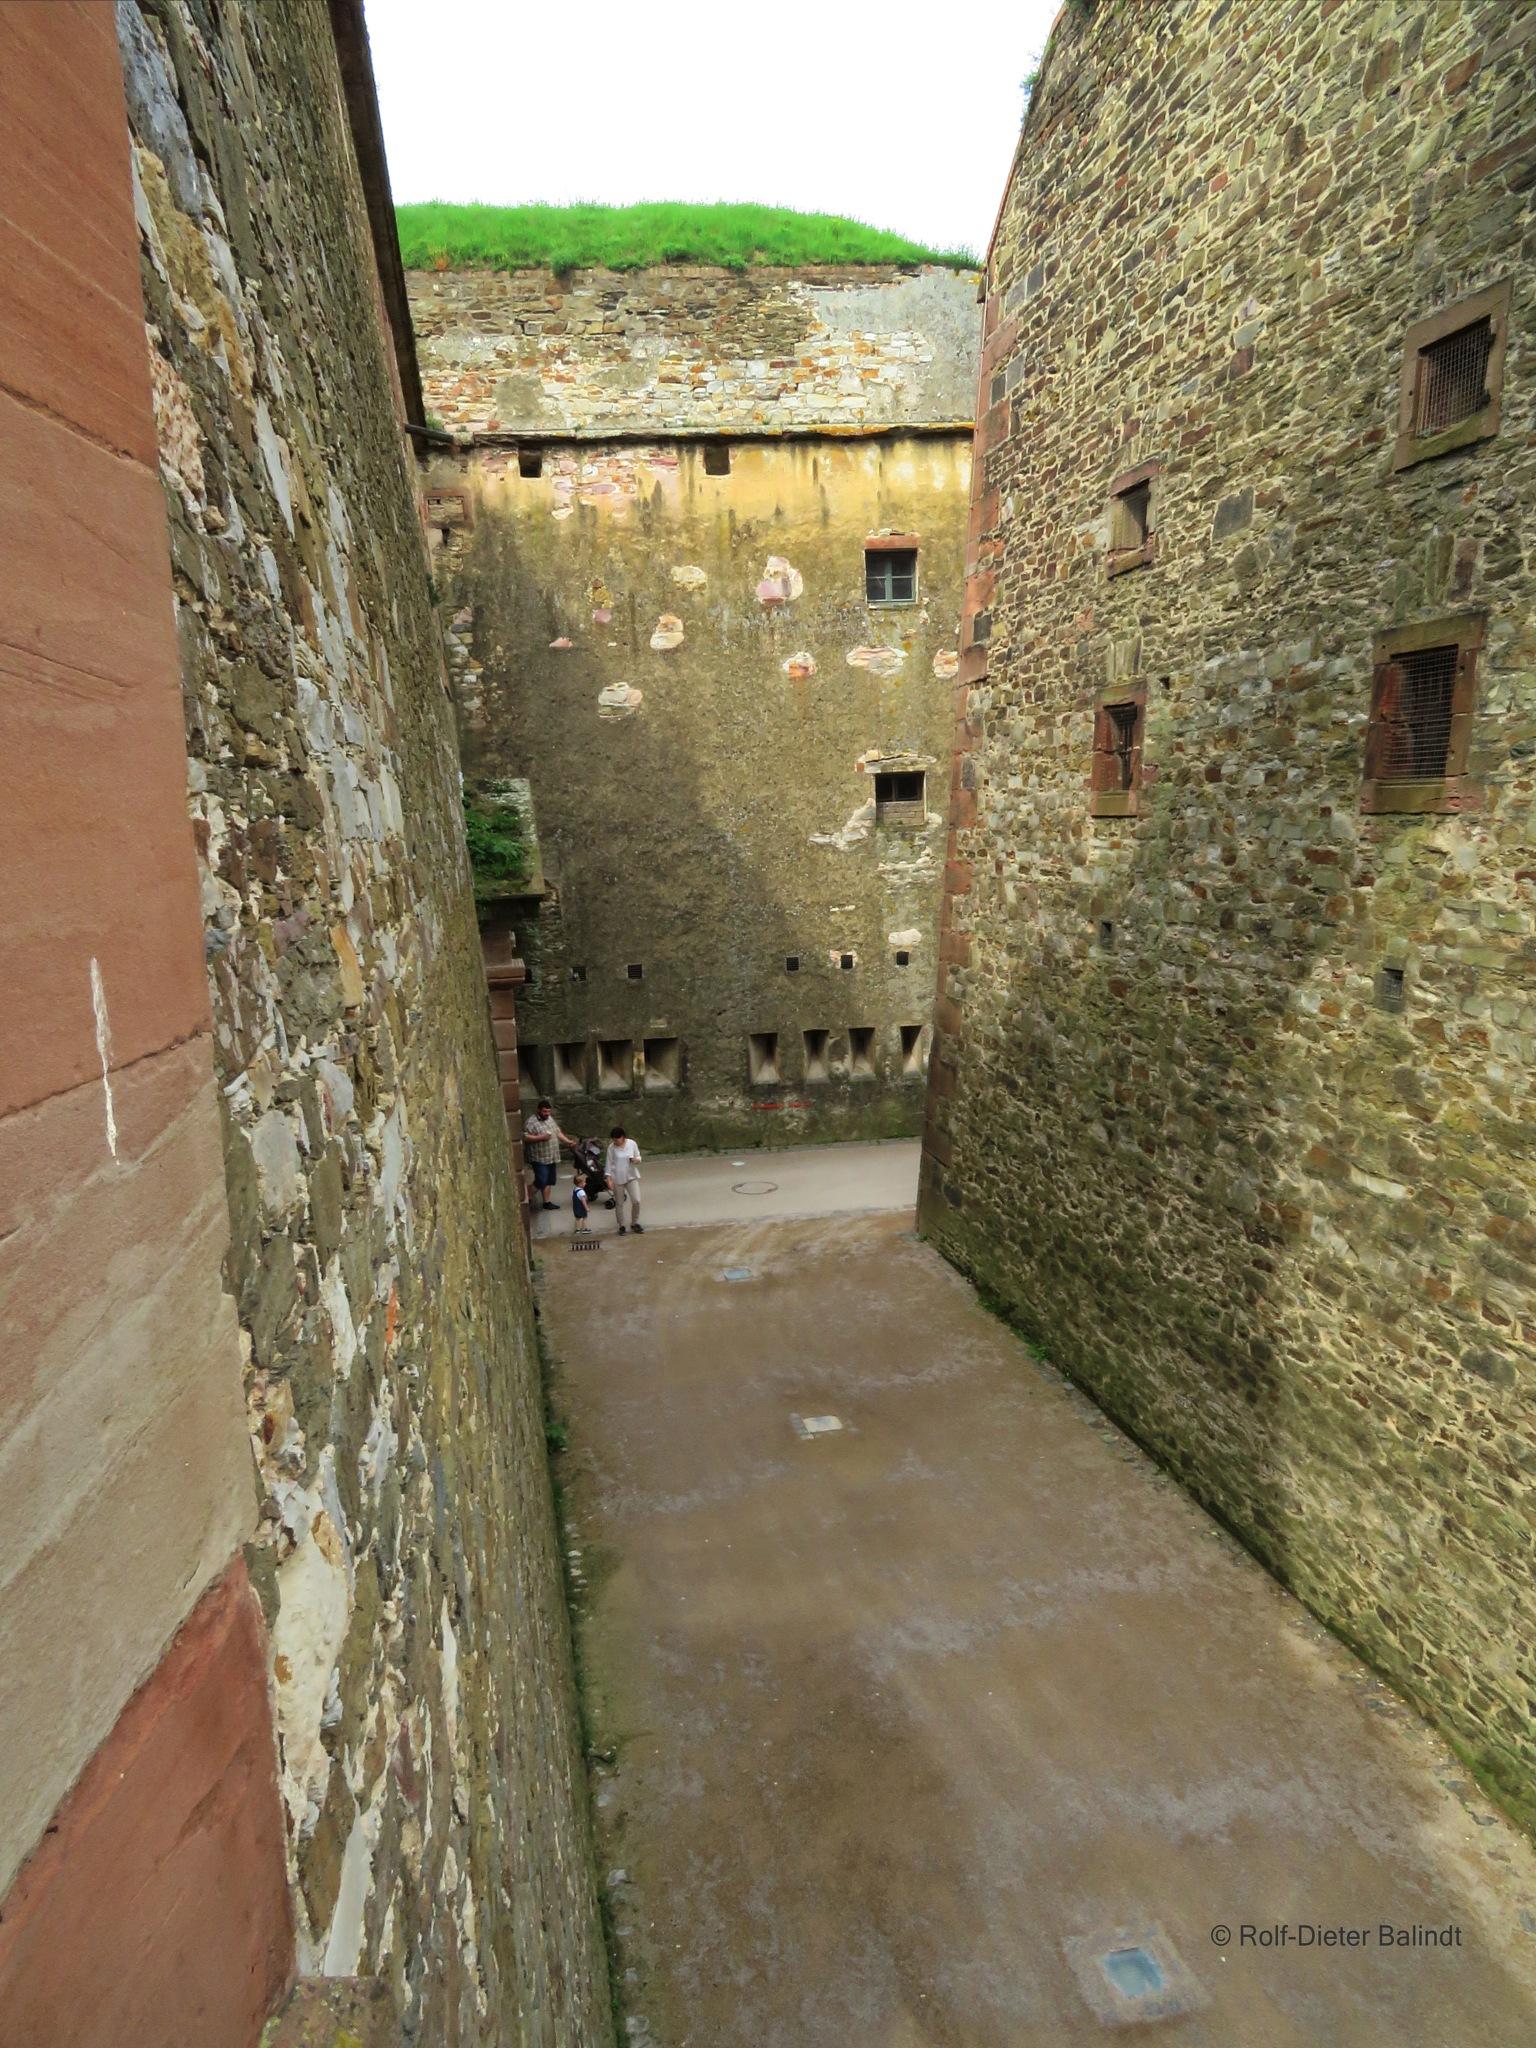 Festung Ehrenbreitstein by Rolf-Dieter Balindt